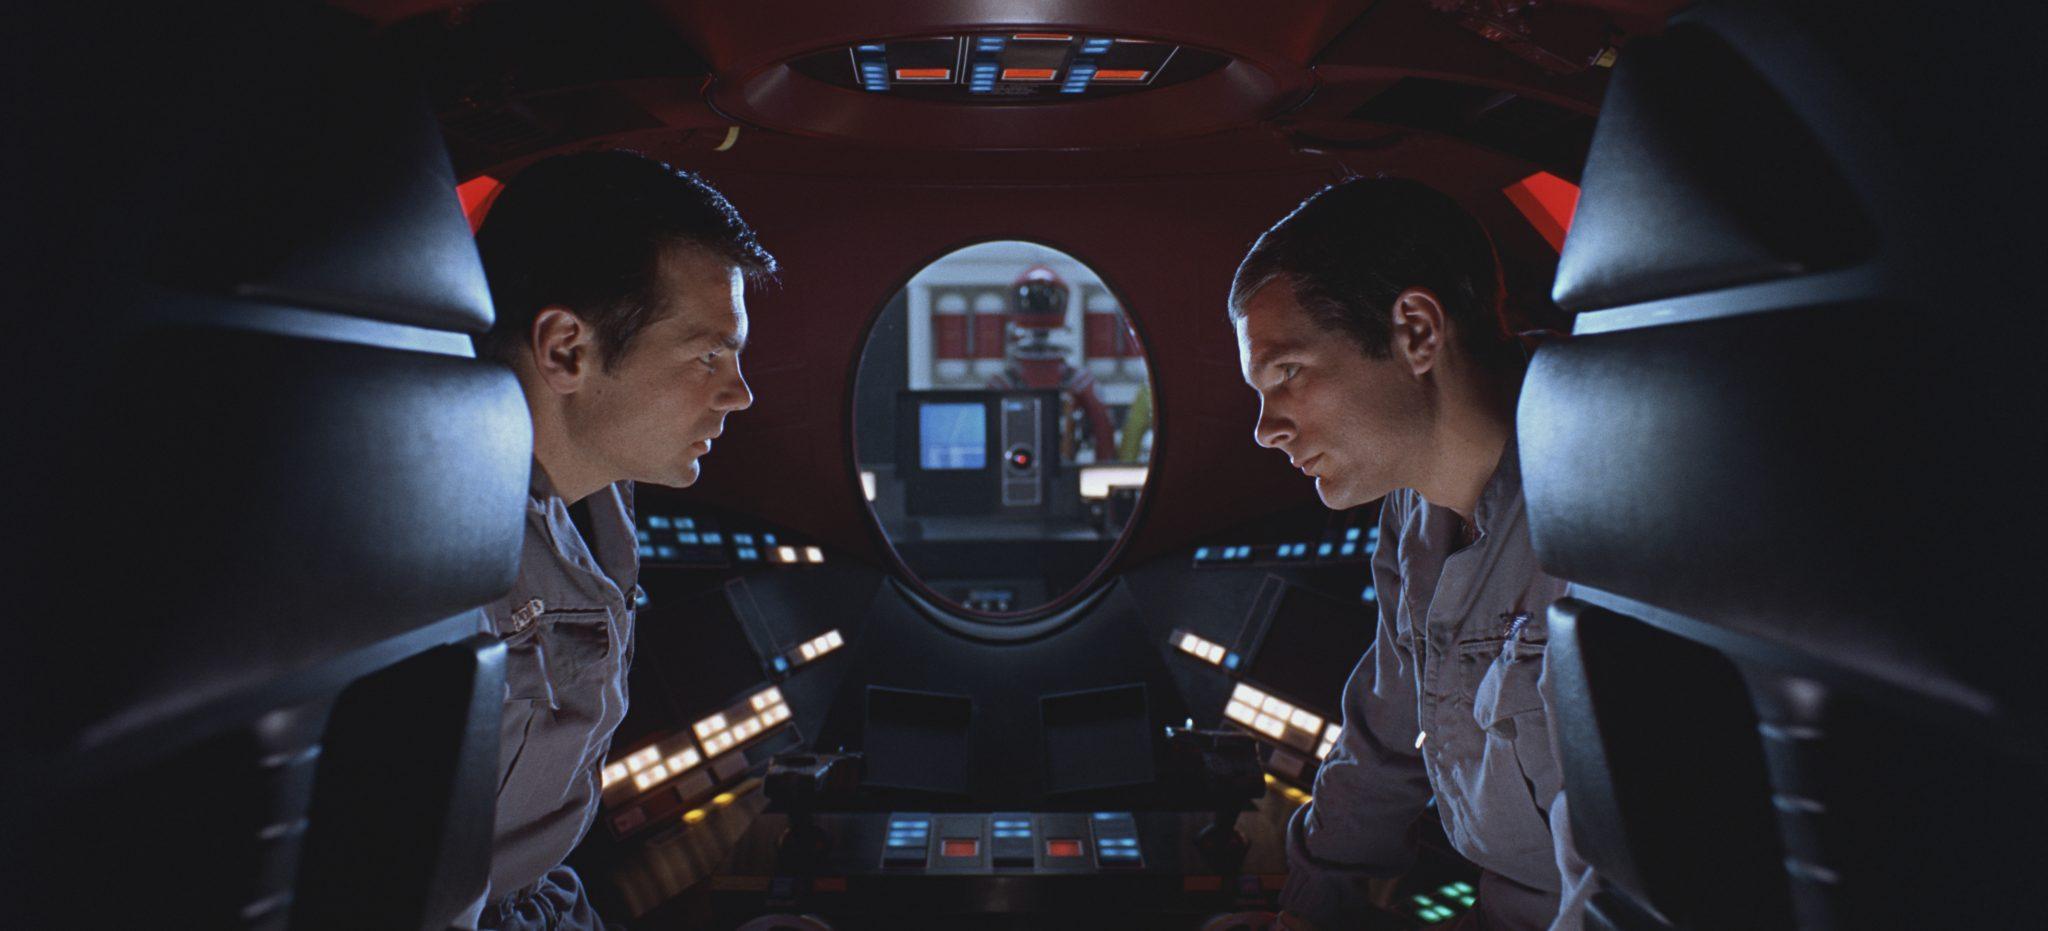 """Poole (Gary Lockwood) und Bowman (Keir Dullea) unterhalten sich in dieser Szene aus """"2001"""", einem der berühmtesten Filmer der 60er, mit ernstem Ton in einer Raumkapsel über ihr Vorgehen. Im Hintergrund ist durch ein Fenster Super-Computer HAL 9000 zu sehen."""